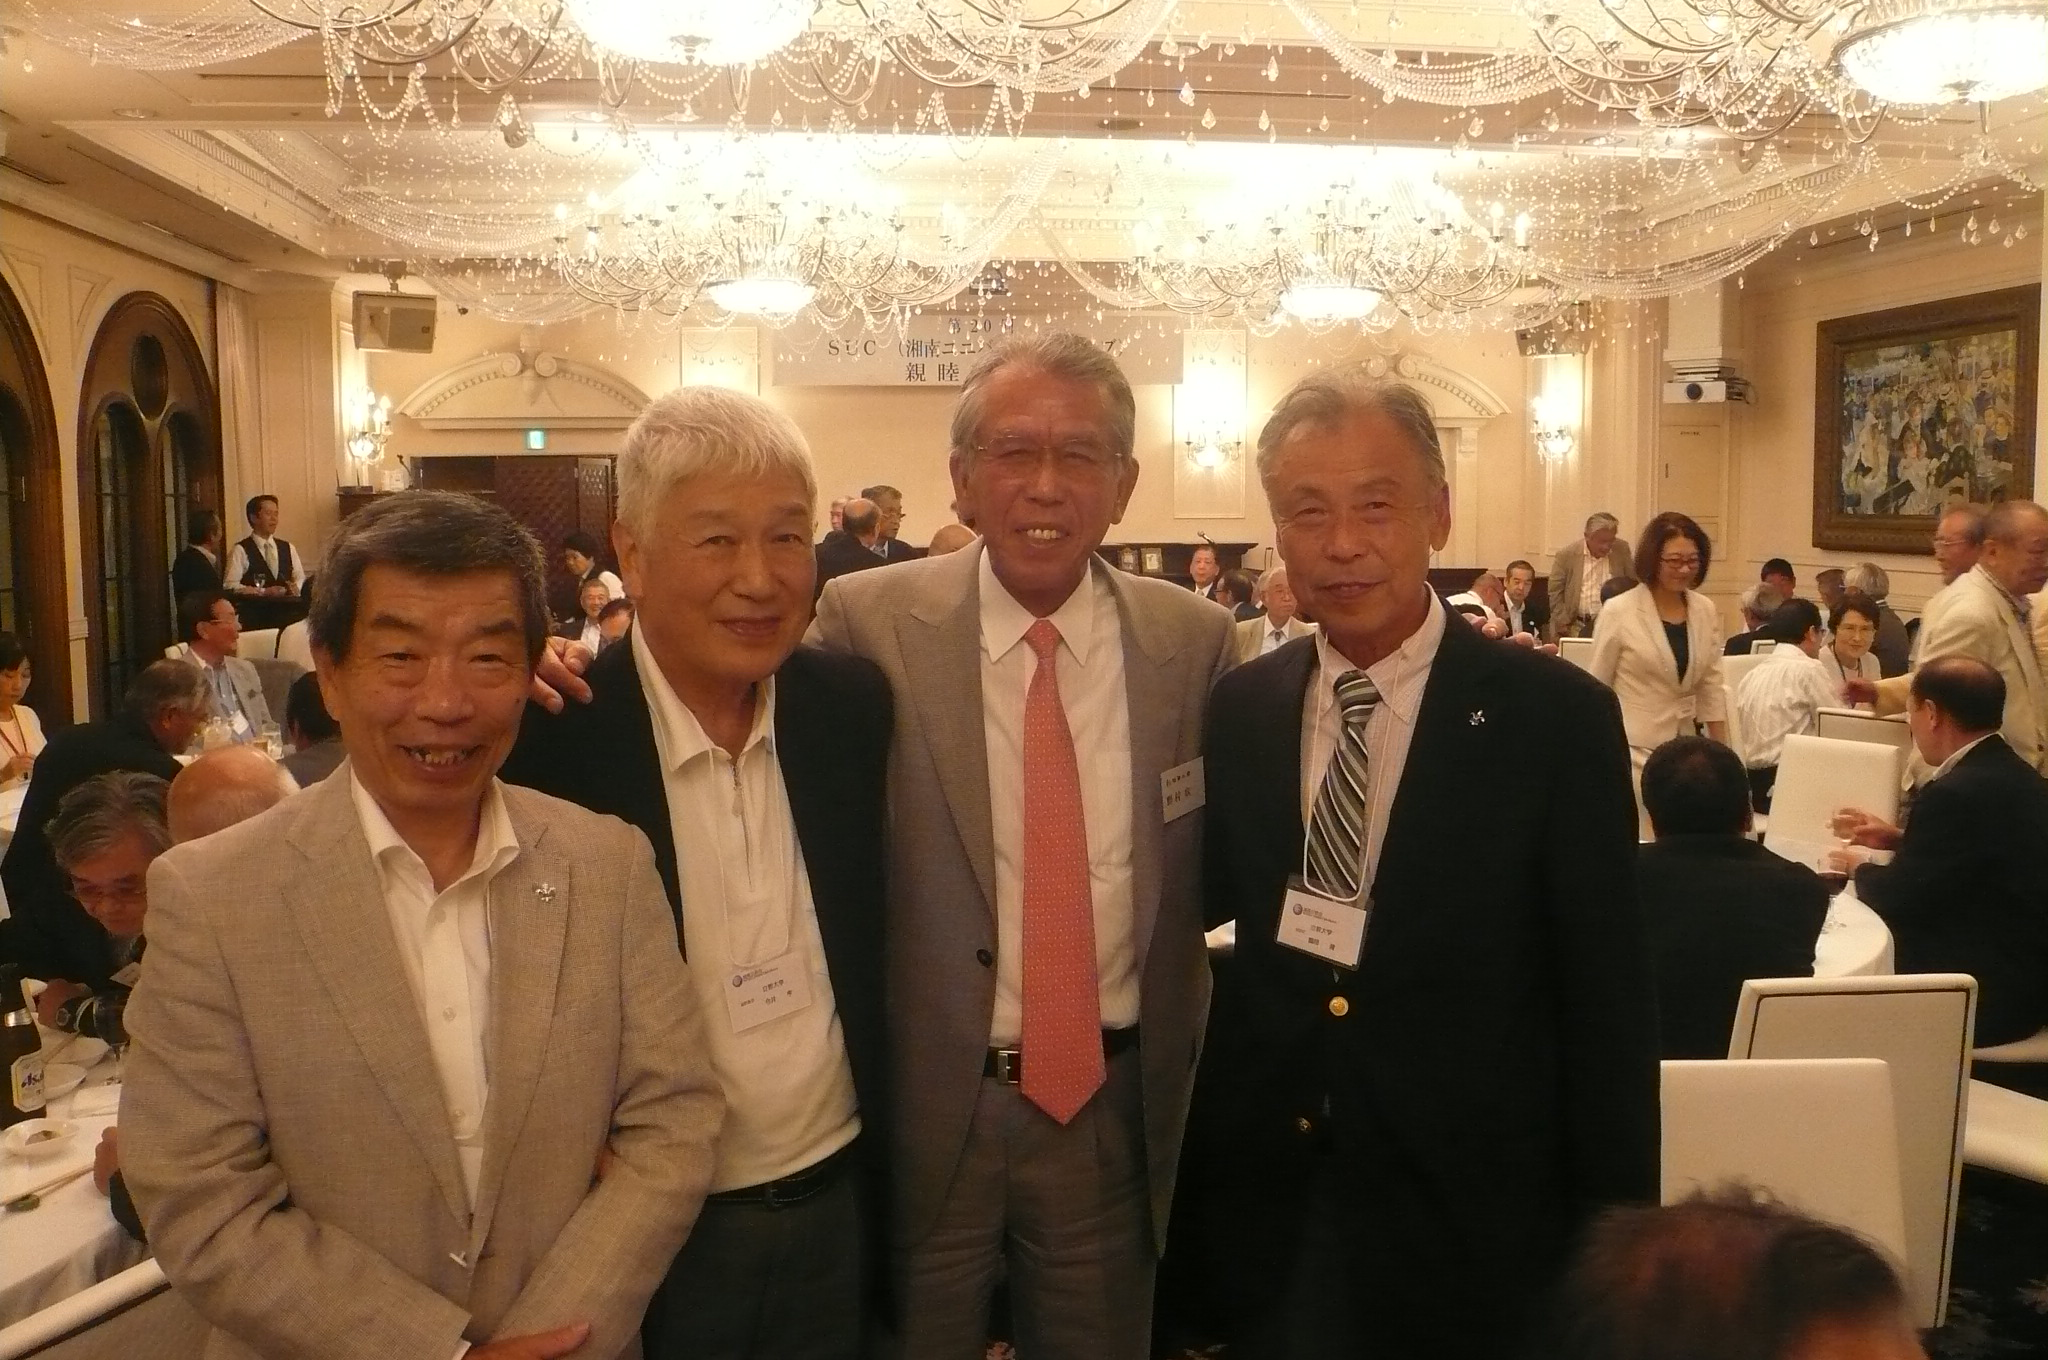 懇親会場で有名人見つけた。駒沢OB横浜の野村投手やはり大きい